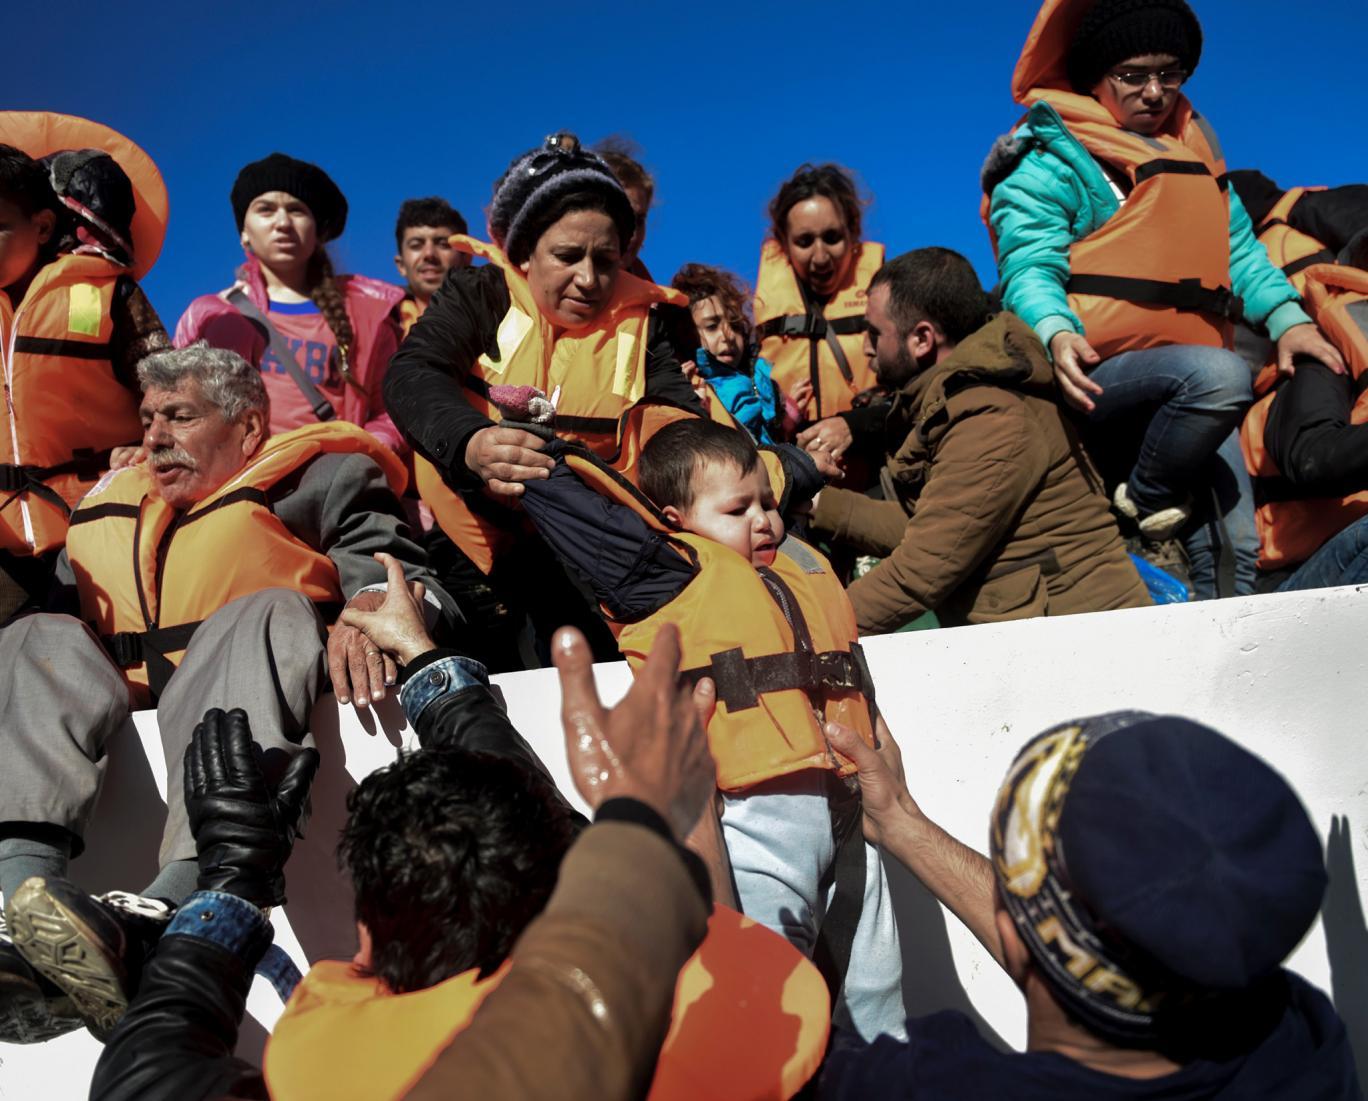 ММФ: Бегалците ја чинеа Грција 300 милиони евра во 2015-тата година